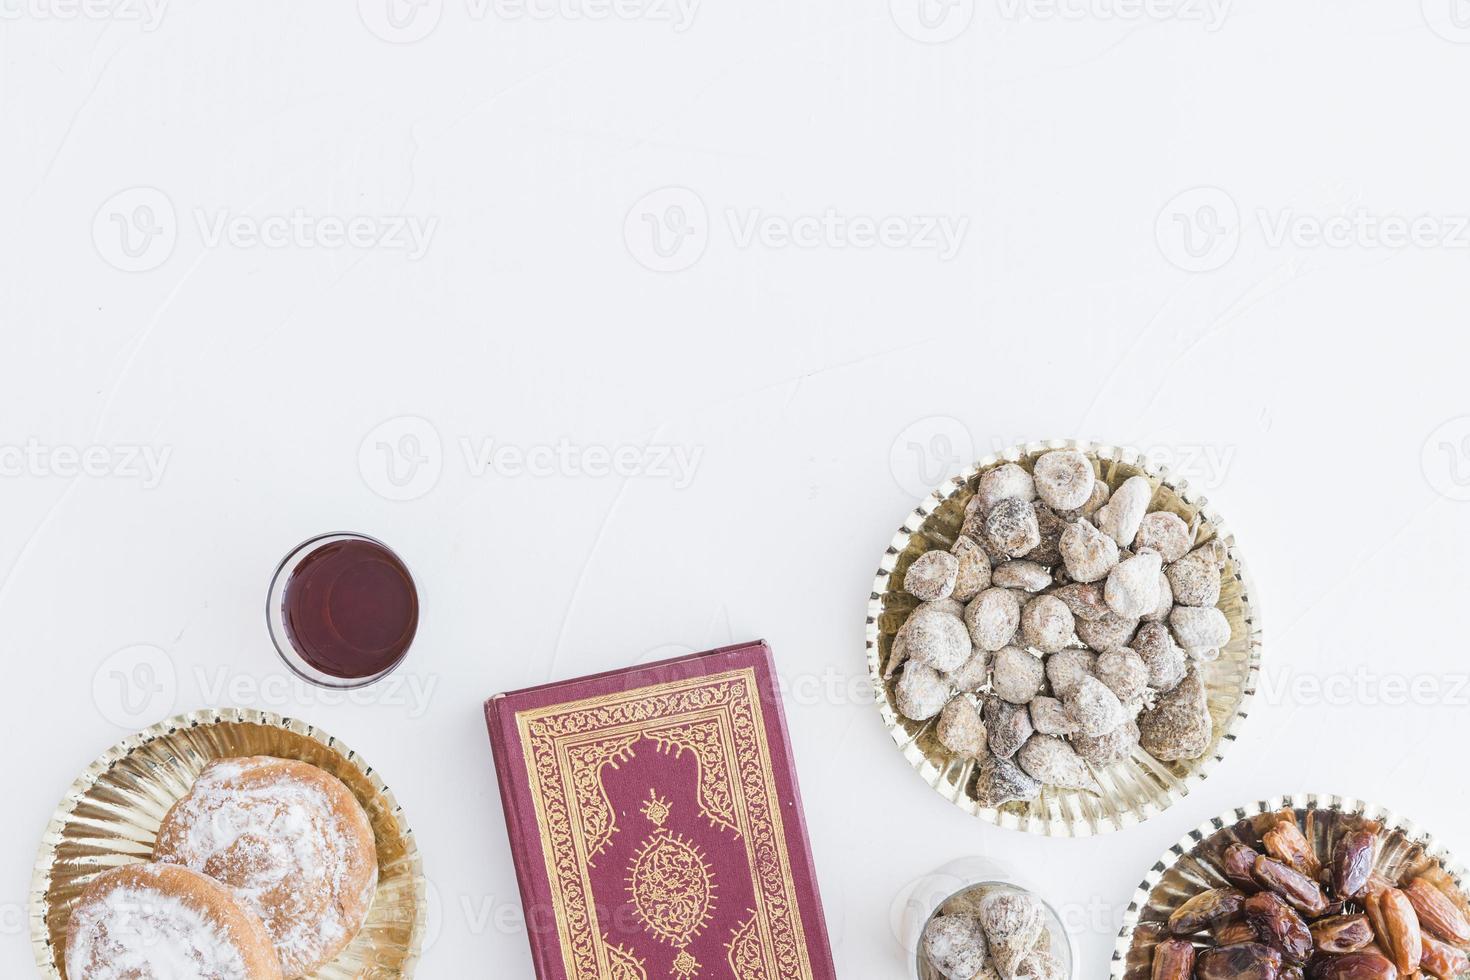 dolci tradizionali e libro del corano foto